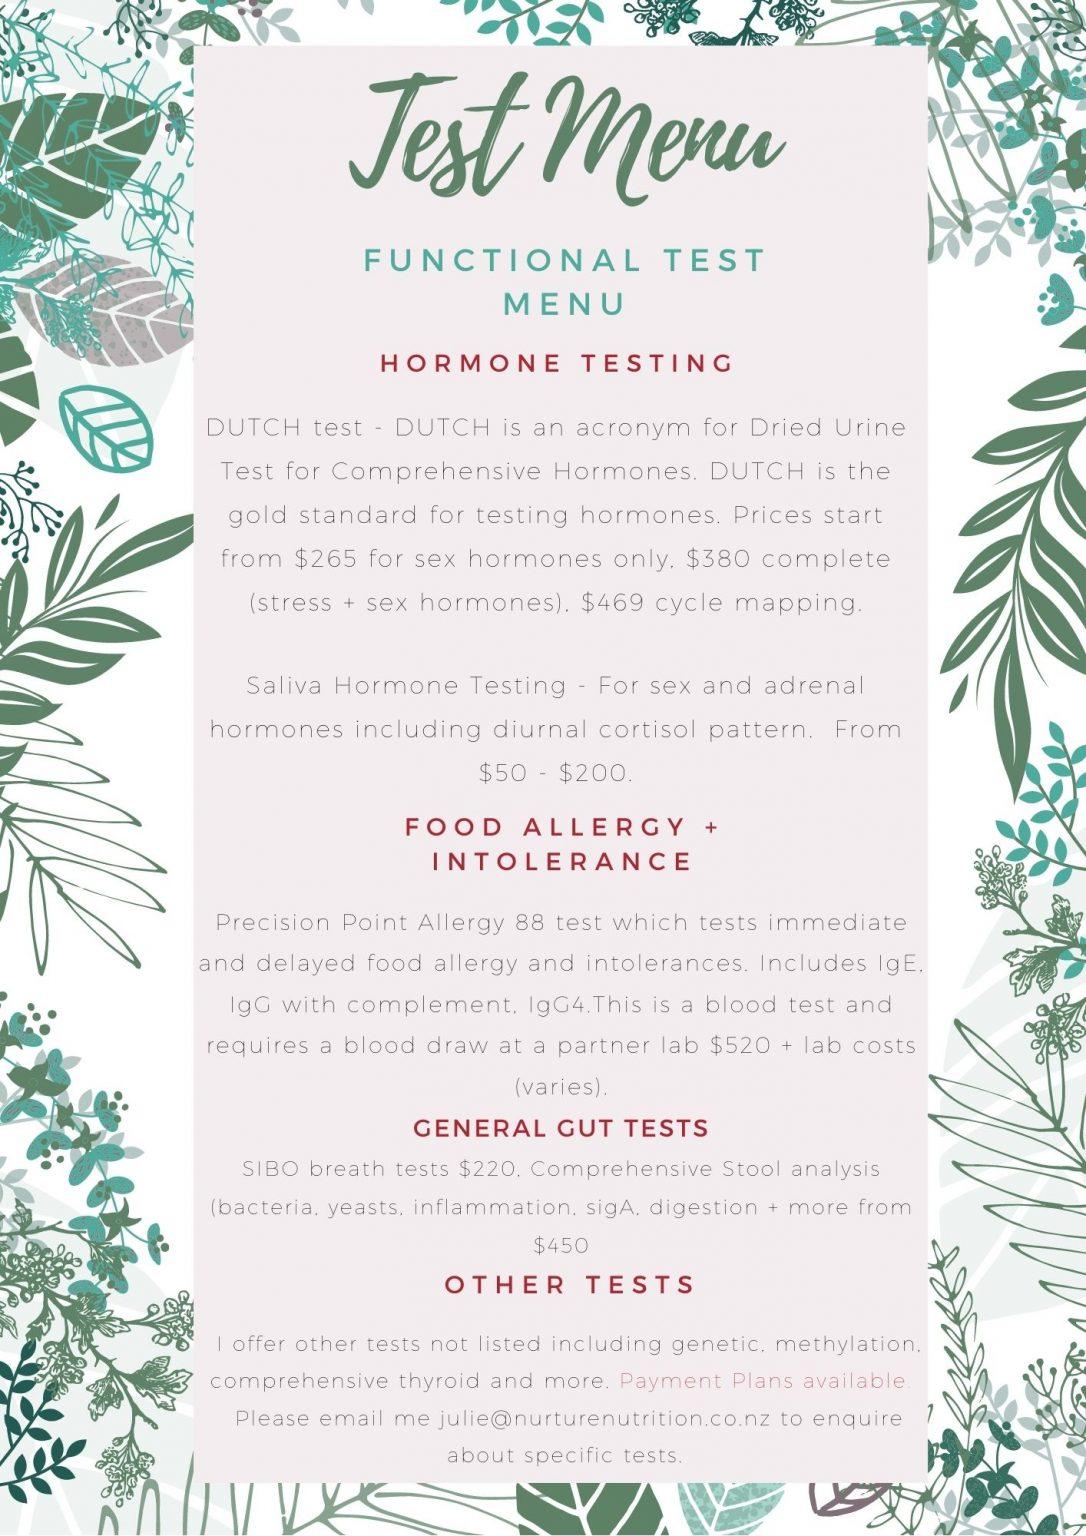 Functional Test Menu